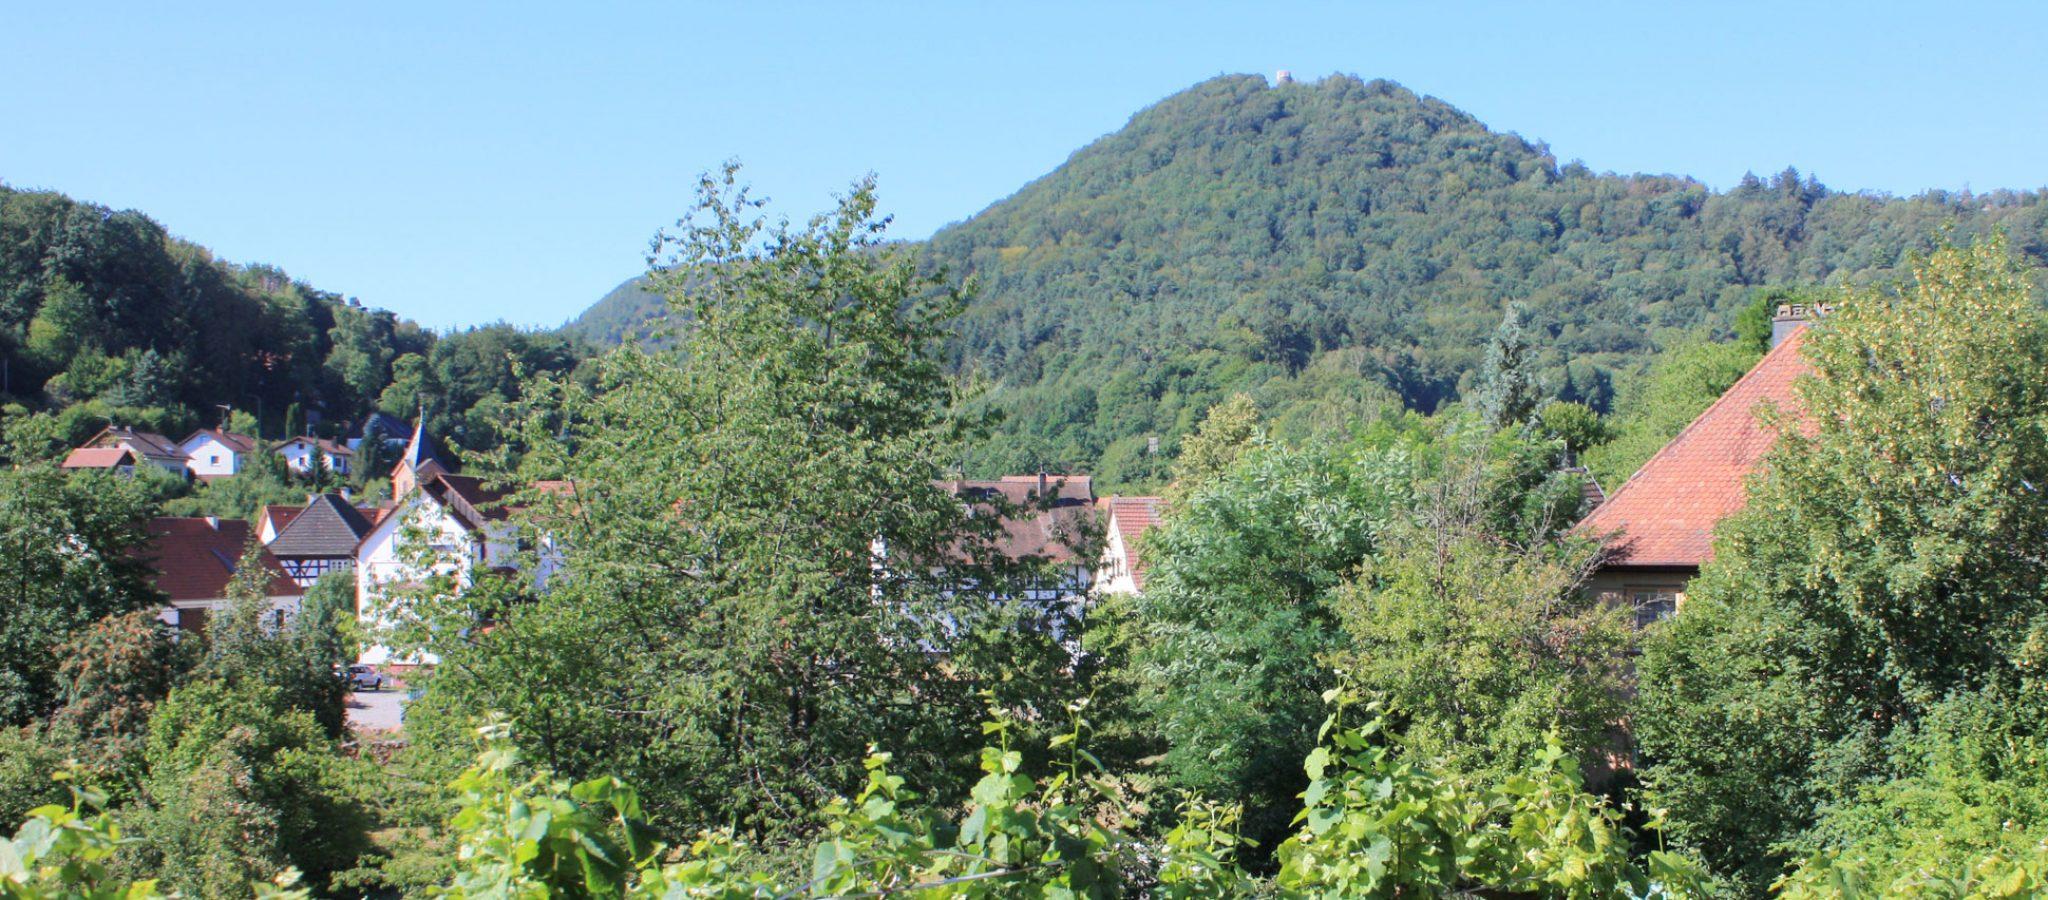 Blick auf die Wegelnburg